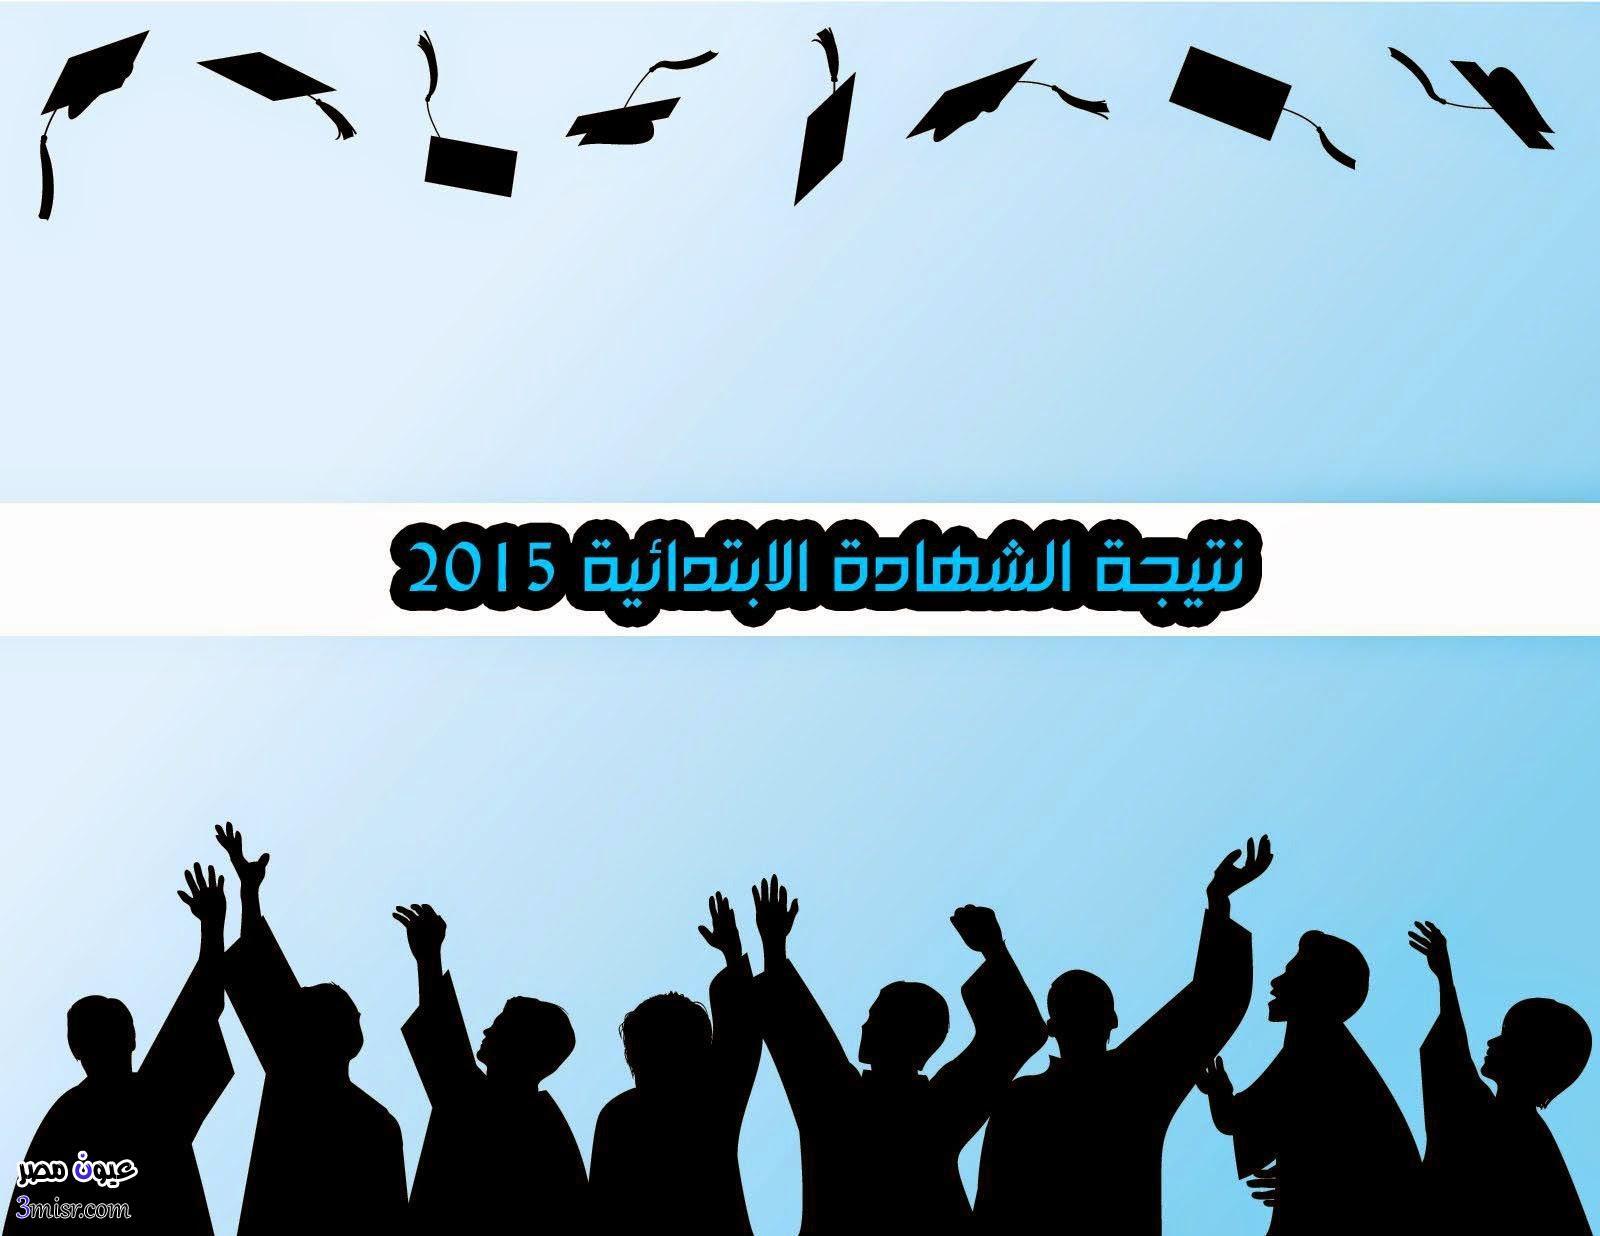 نتيجة الشهادة الابتدائية 2015 القليوبية الاسكندرية اليوم السابع